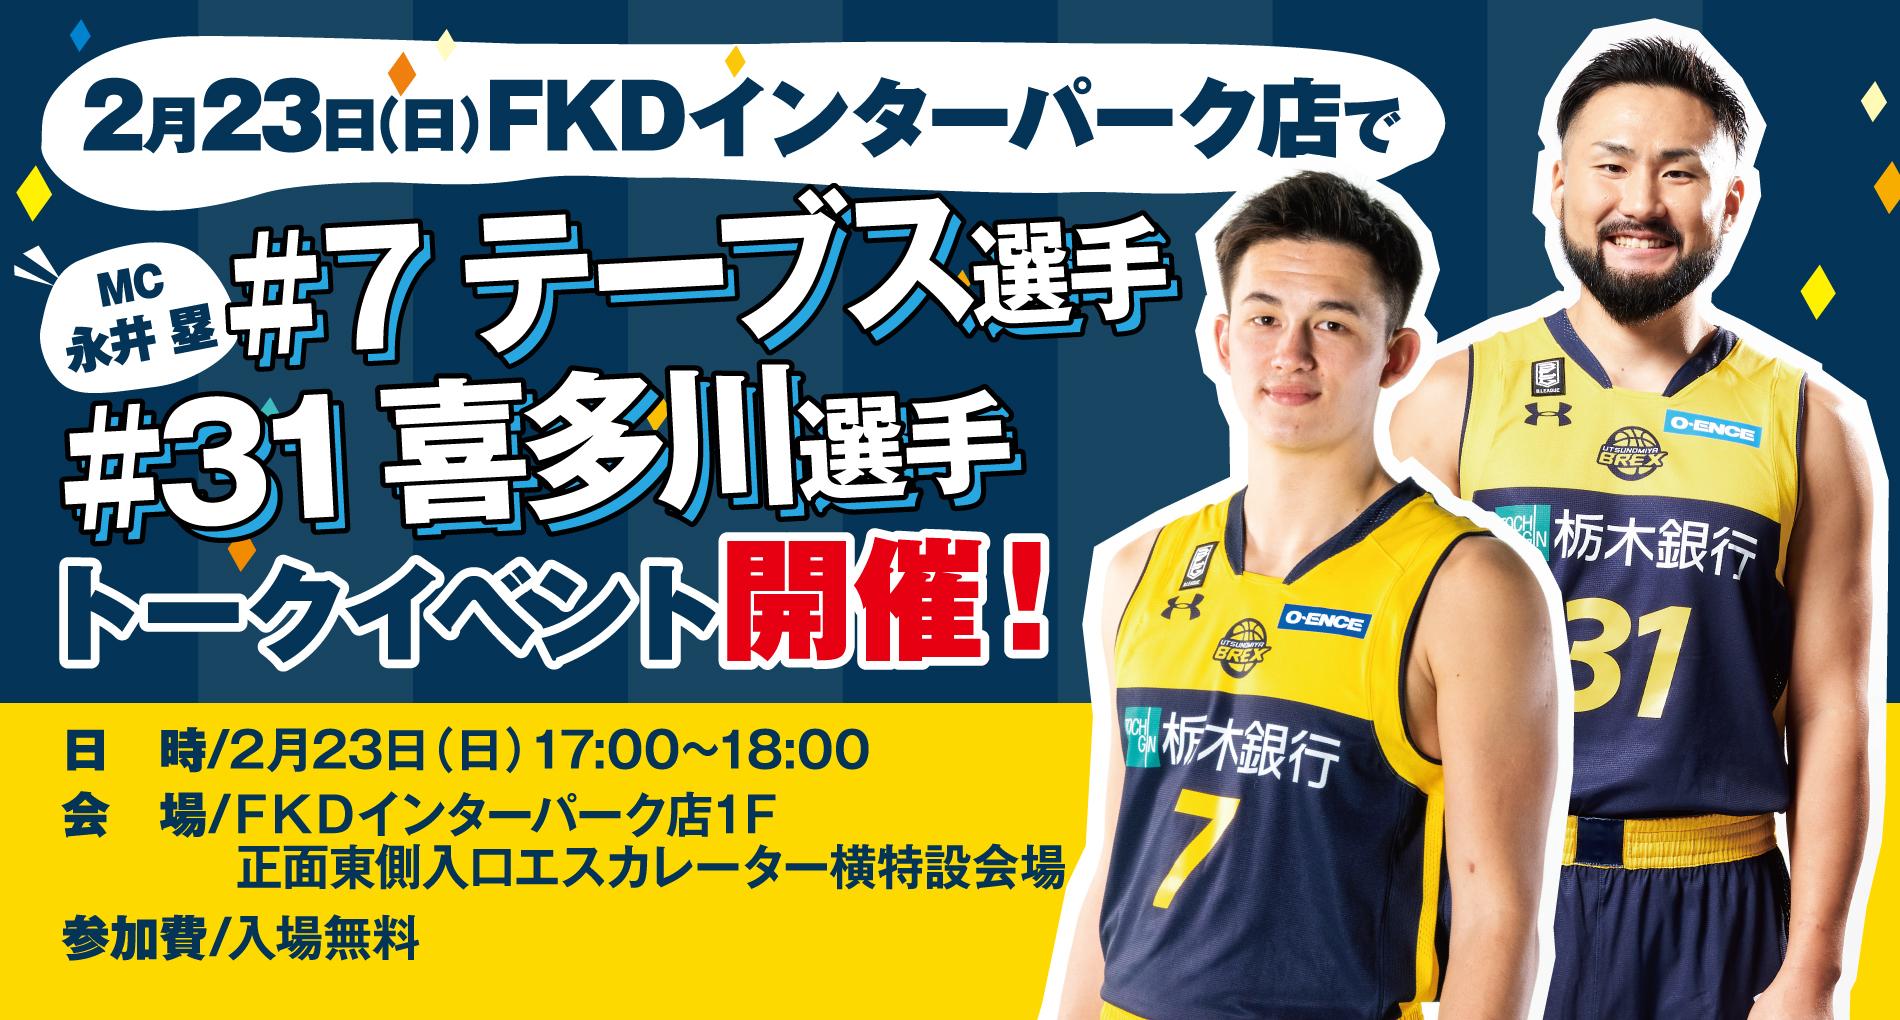 2/23 FKDインターパーク店 イベント